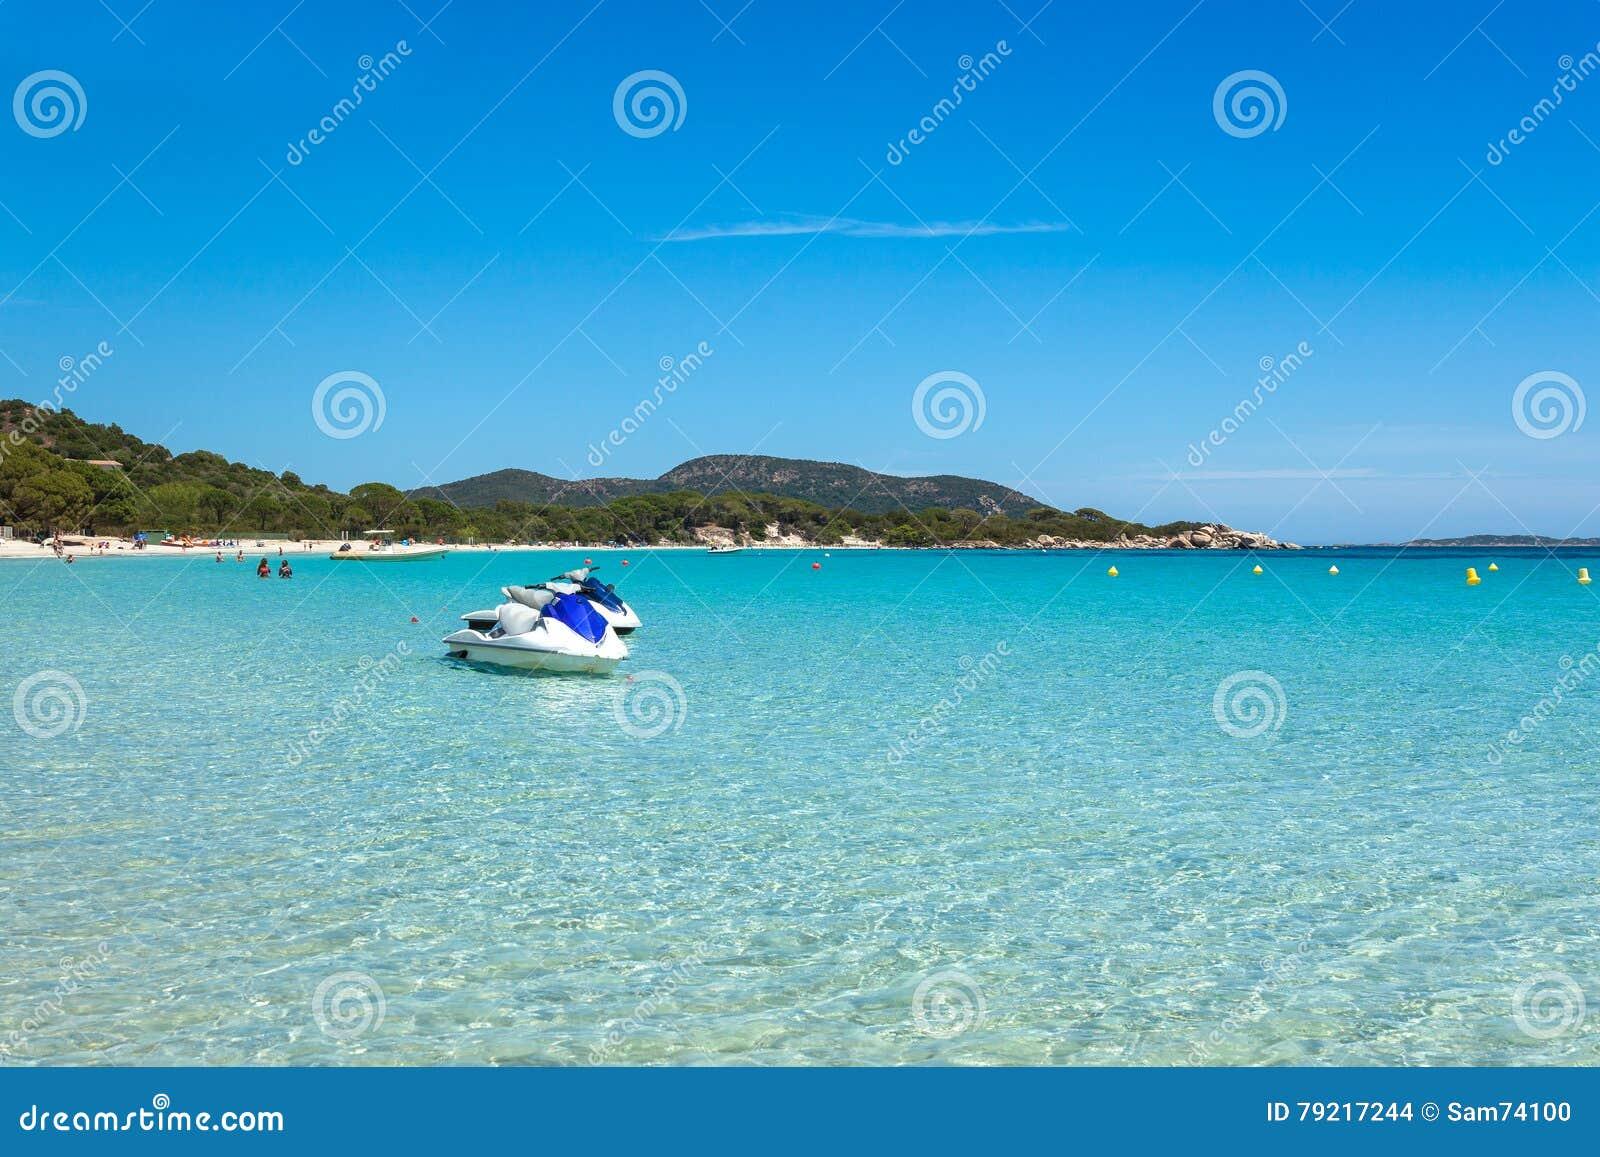 Αεριωθούμενη πρόσδεση σκι στο τυρκουάζ νερό της παραλίας Rondinara στο κοβάλτιο